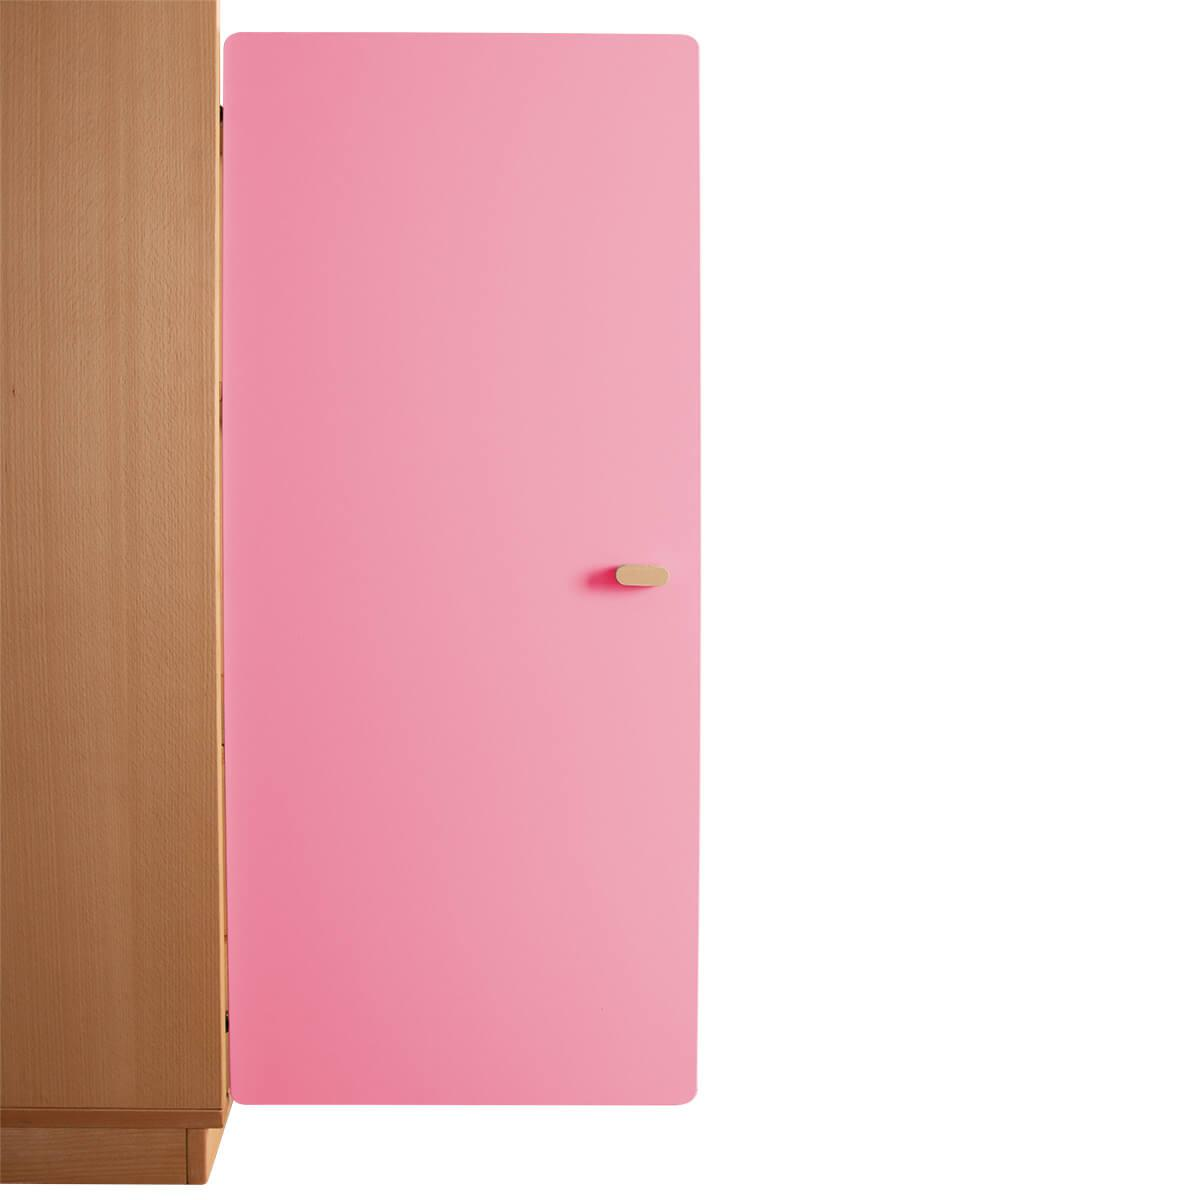 Schranktür 3/5 106cm-Griff DESTYLE Debreuyn  MDF rosa-lackiert